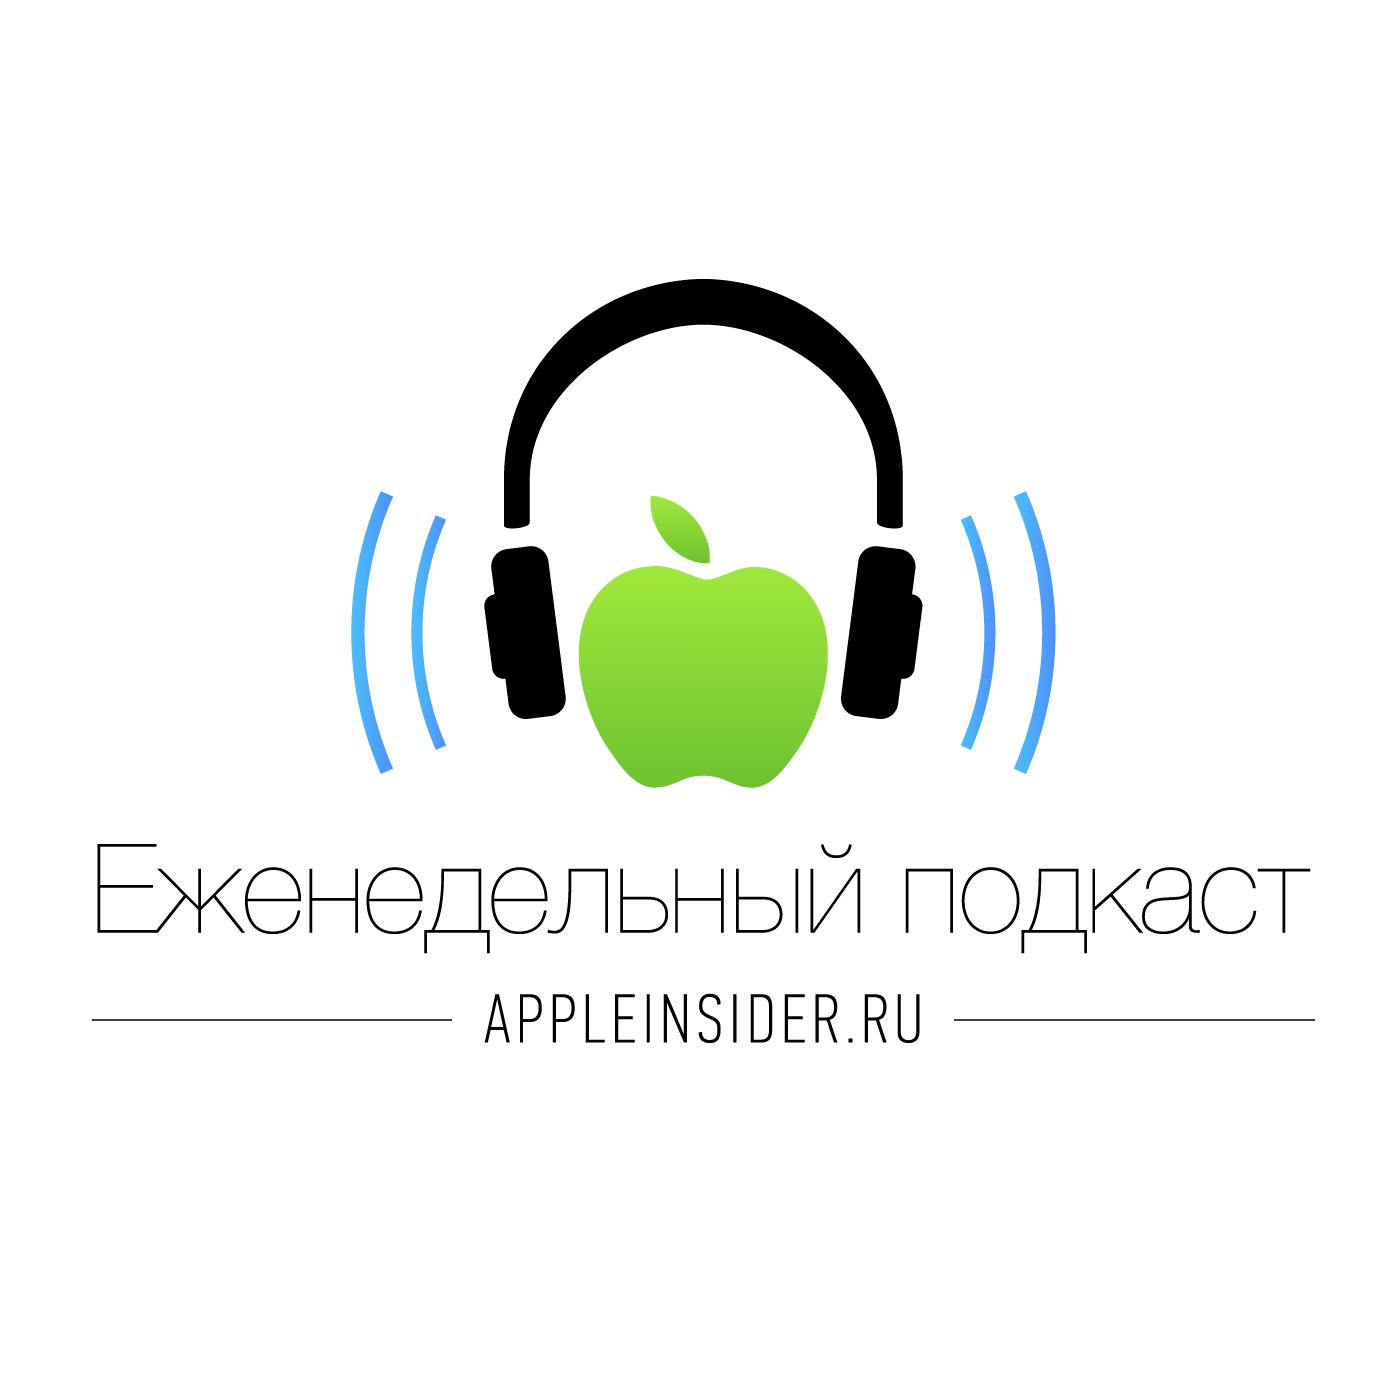 Миша Королев Ученый смог взломать пароль iPhone за 100 долларов миша королев почему apple не дает доступ к nfc в iphone